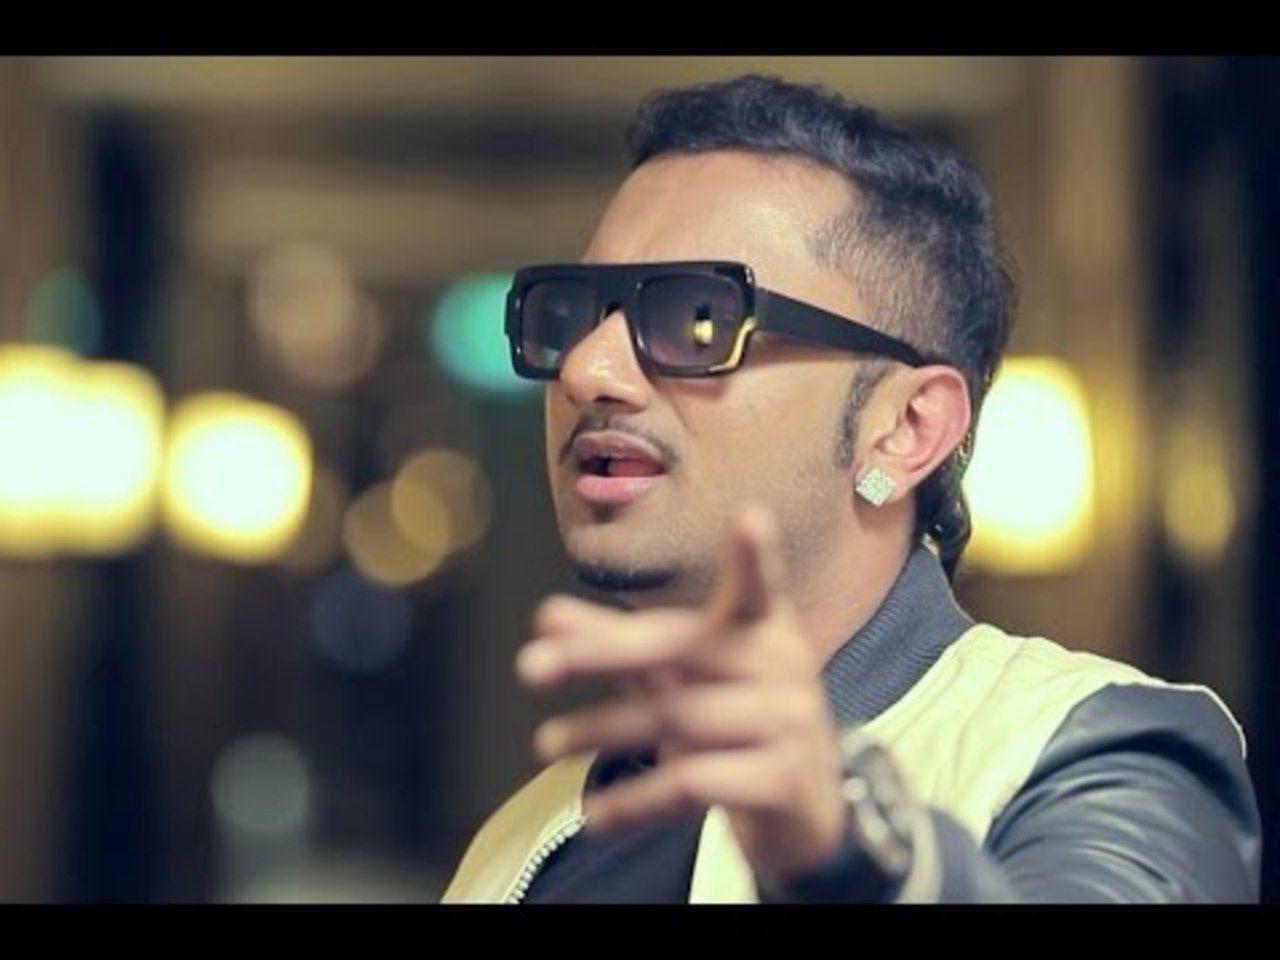 Yo Yo Honey Singh Wallpapers Wallpaper Cave Yo Yo Honey Singh Heartbreak Songs Mp3 Song